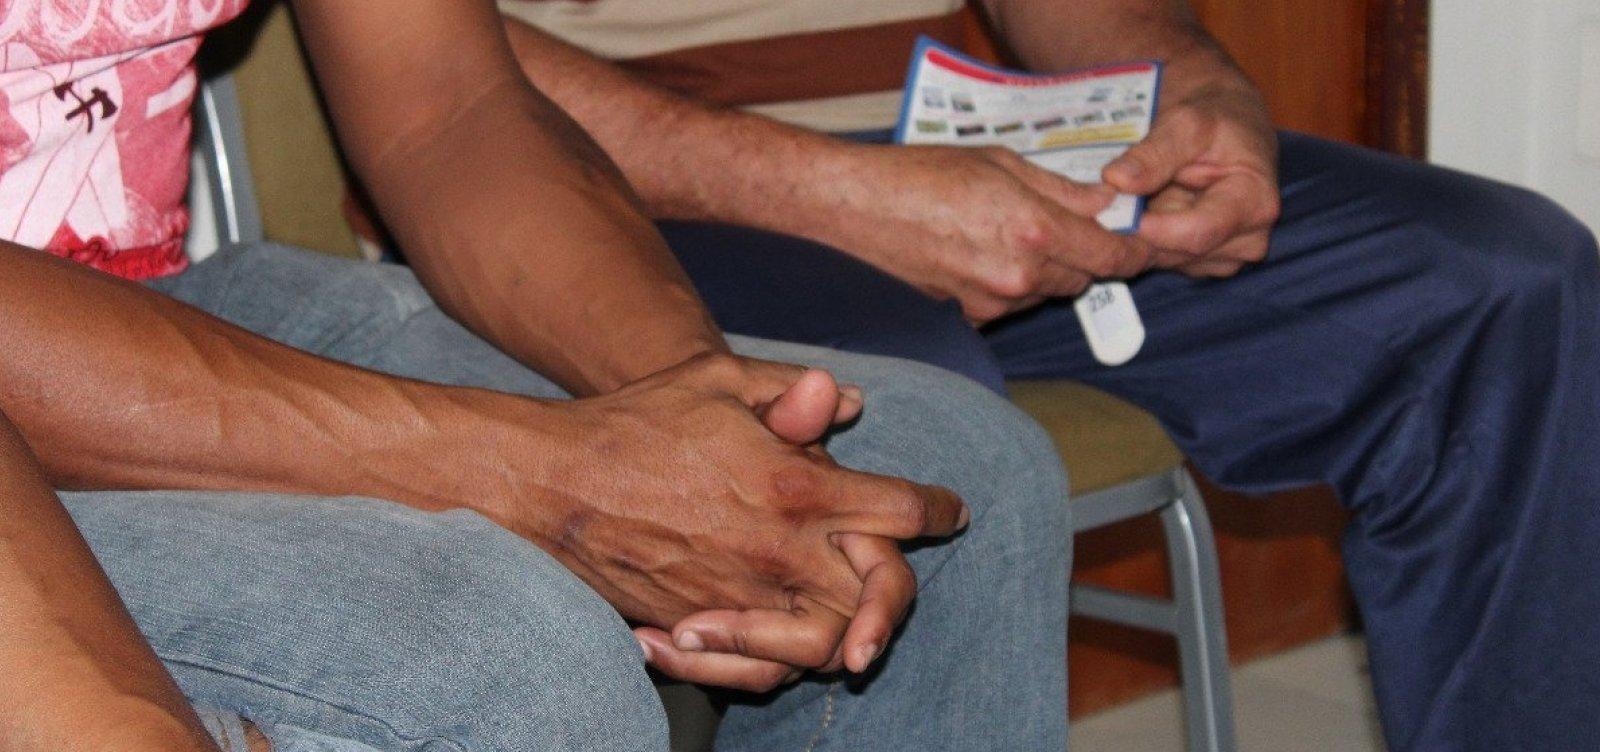 Venezuelanos resgatados de trabalho escravo buscam permanência legal